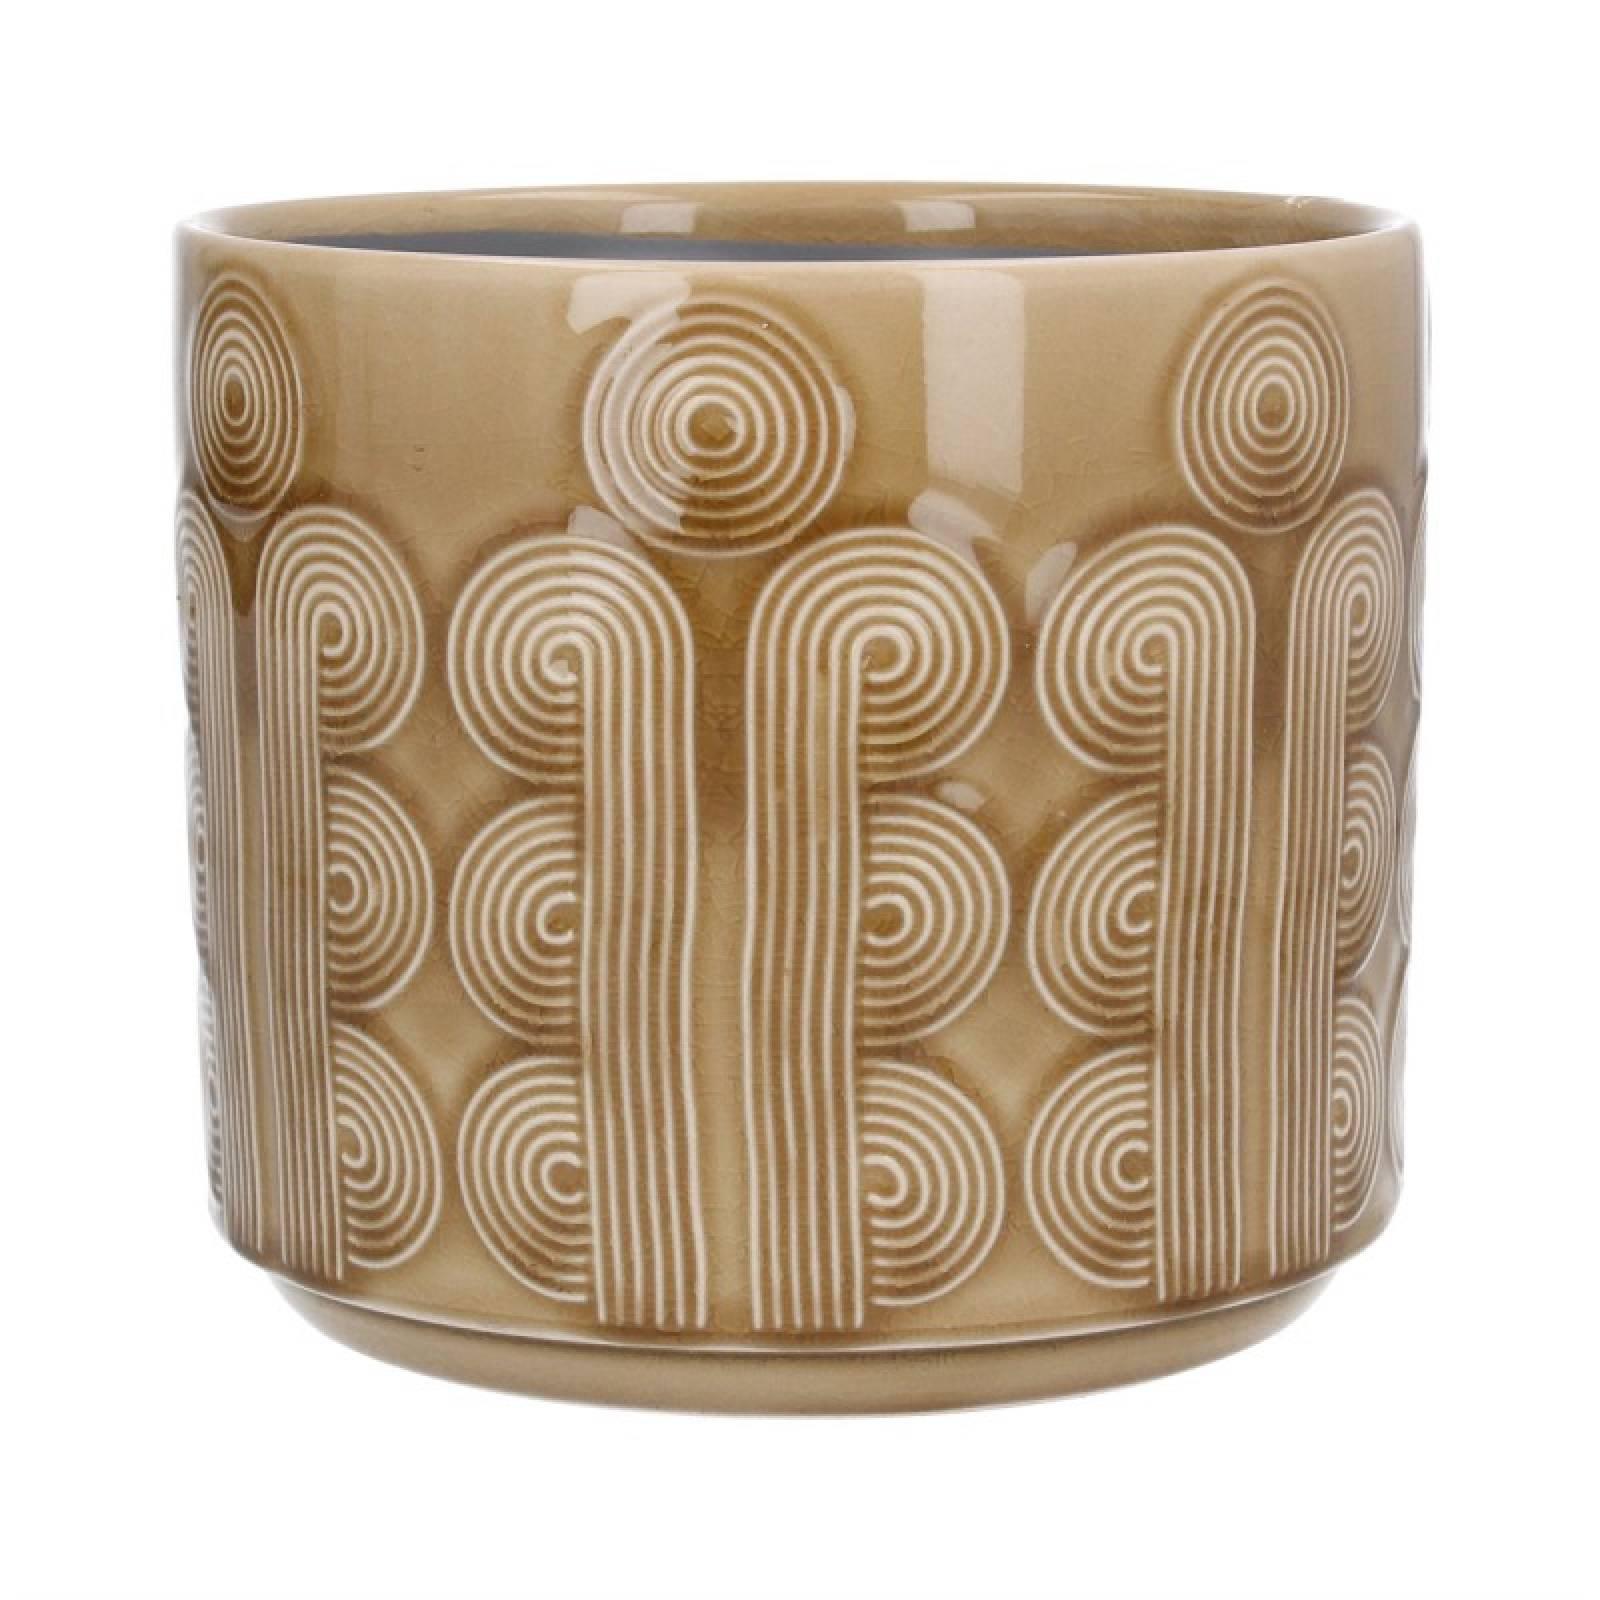 Medium Retro Circles Ceramic Flowerpot Cover In Mustard